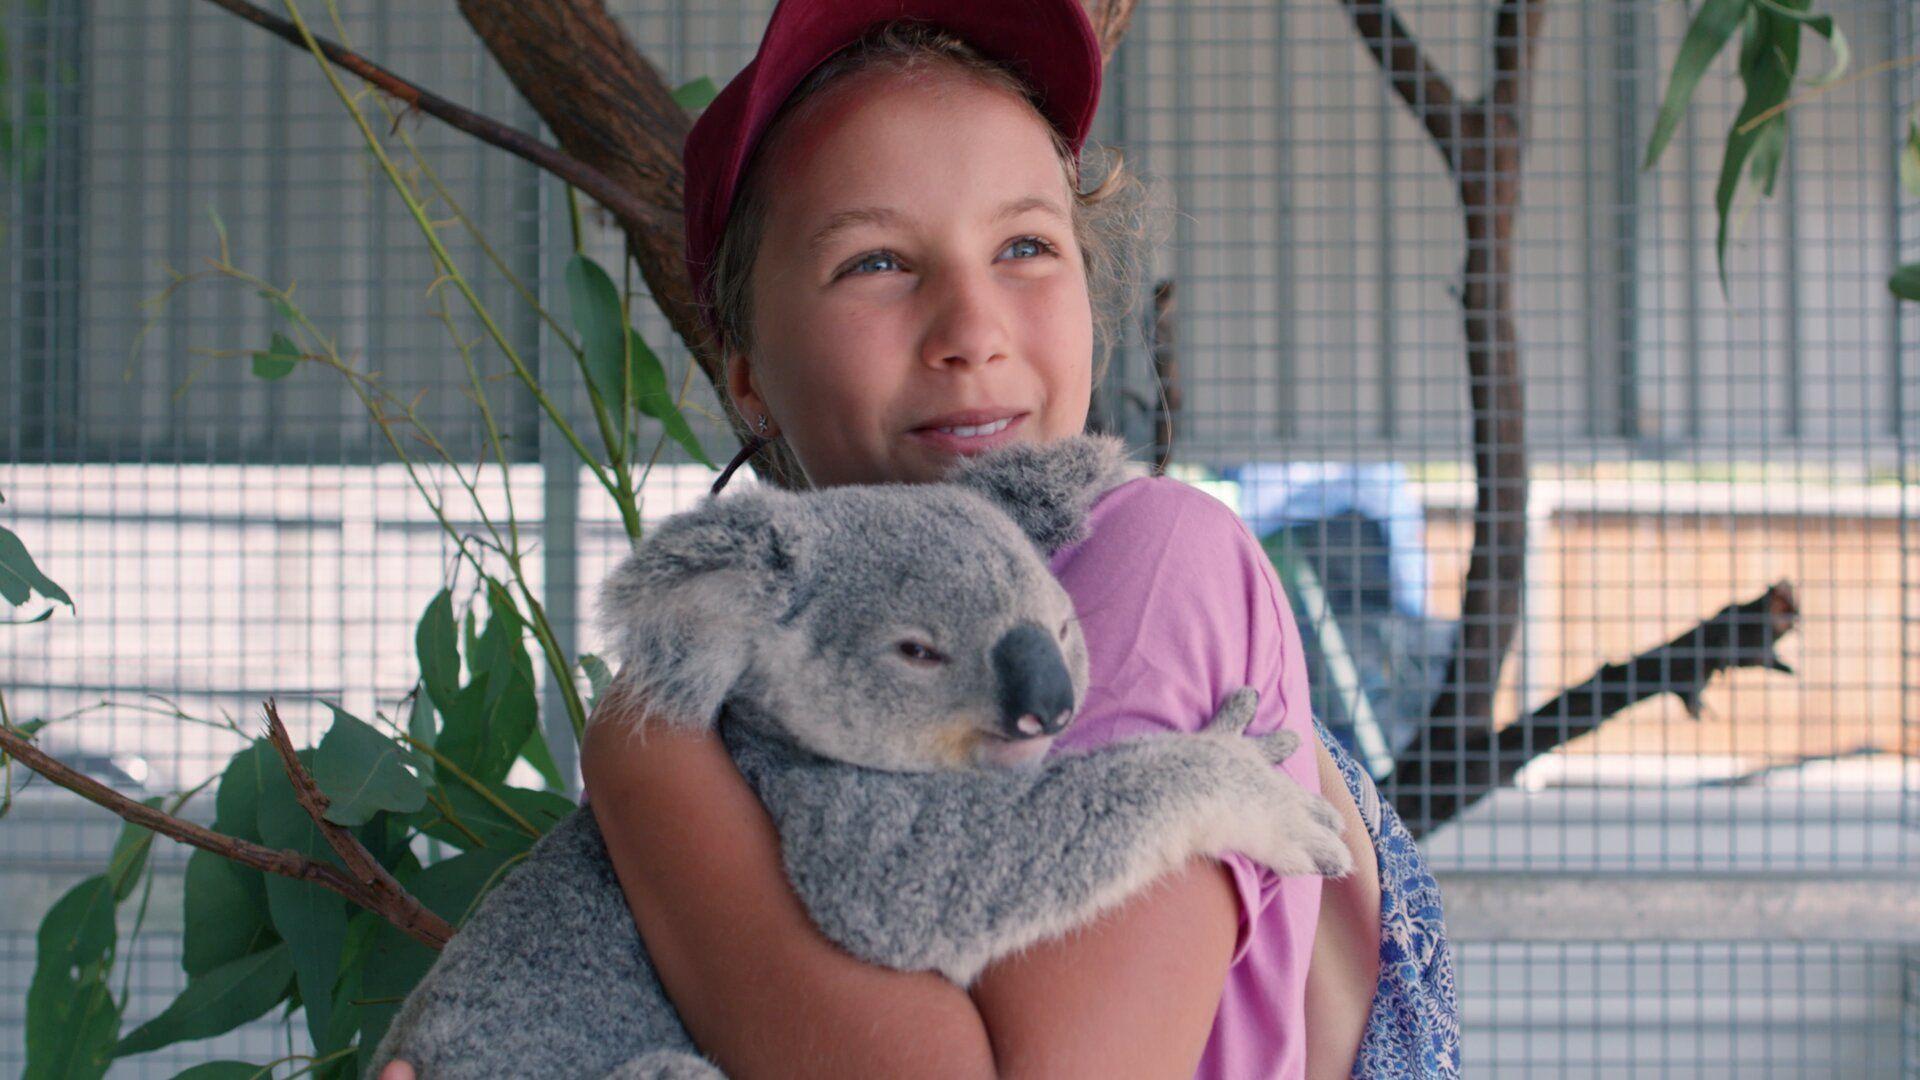 Иззи и коалы — s01e01 — Rosie's Rescue